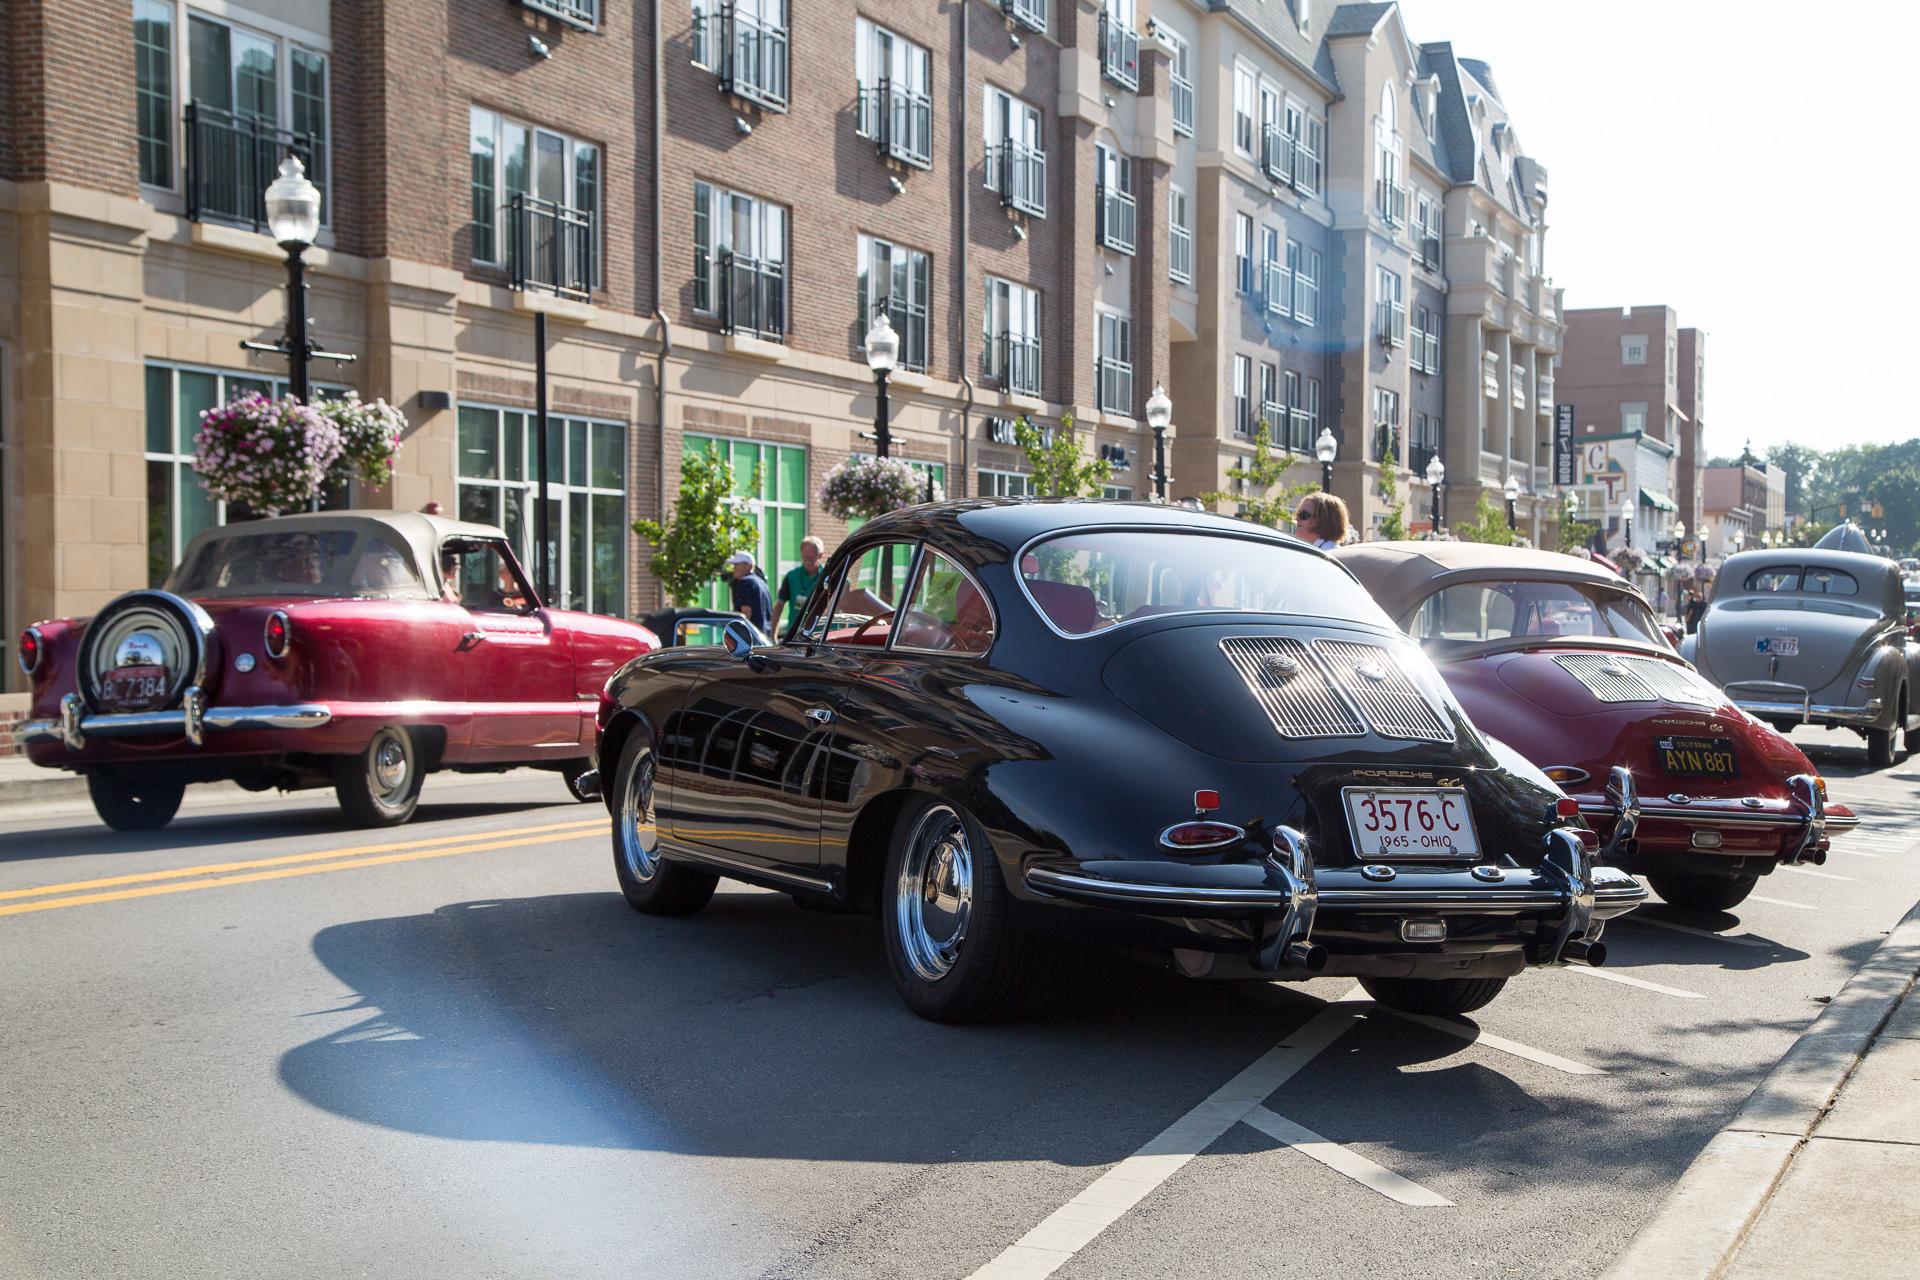 Artomobilia Artomobilia - Carmel indiana car show